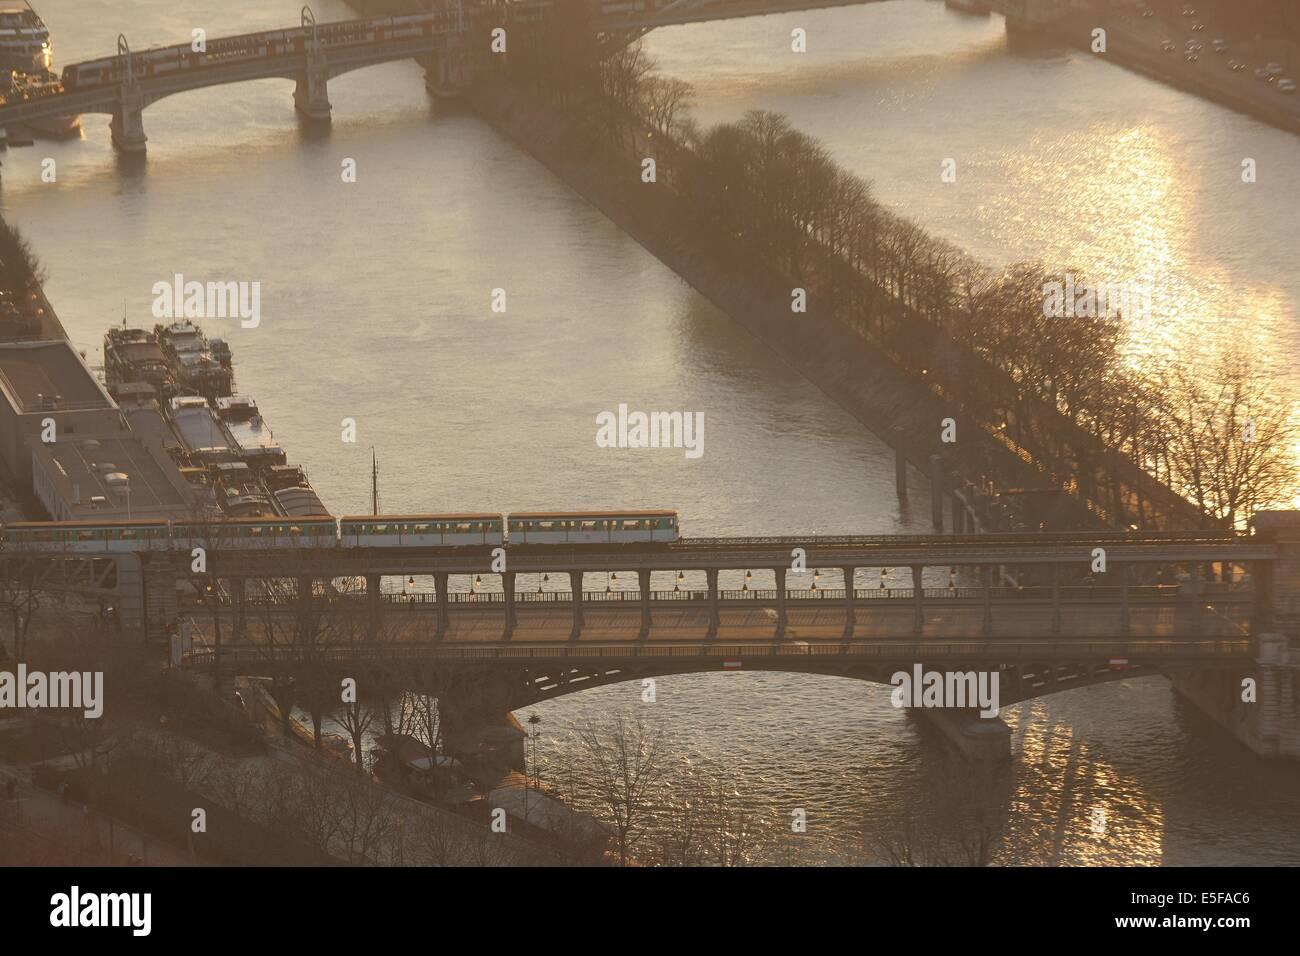 France, ile de france, paris 7e arrondissement, tour eiffel, vue depuis le 2e etage, seine, pont de bir hakeim, - Stock Image